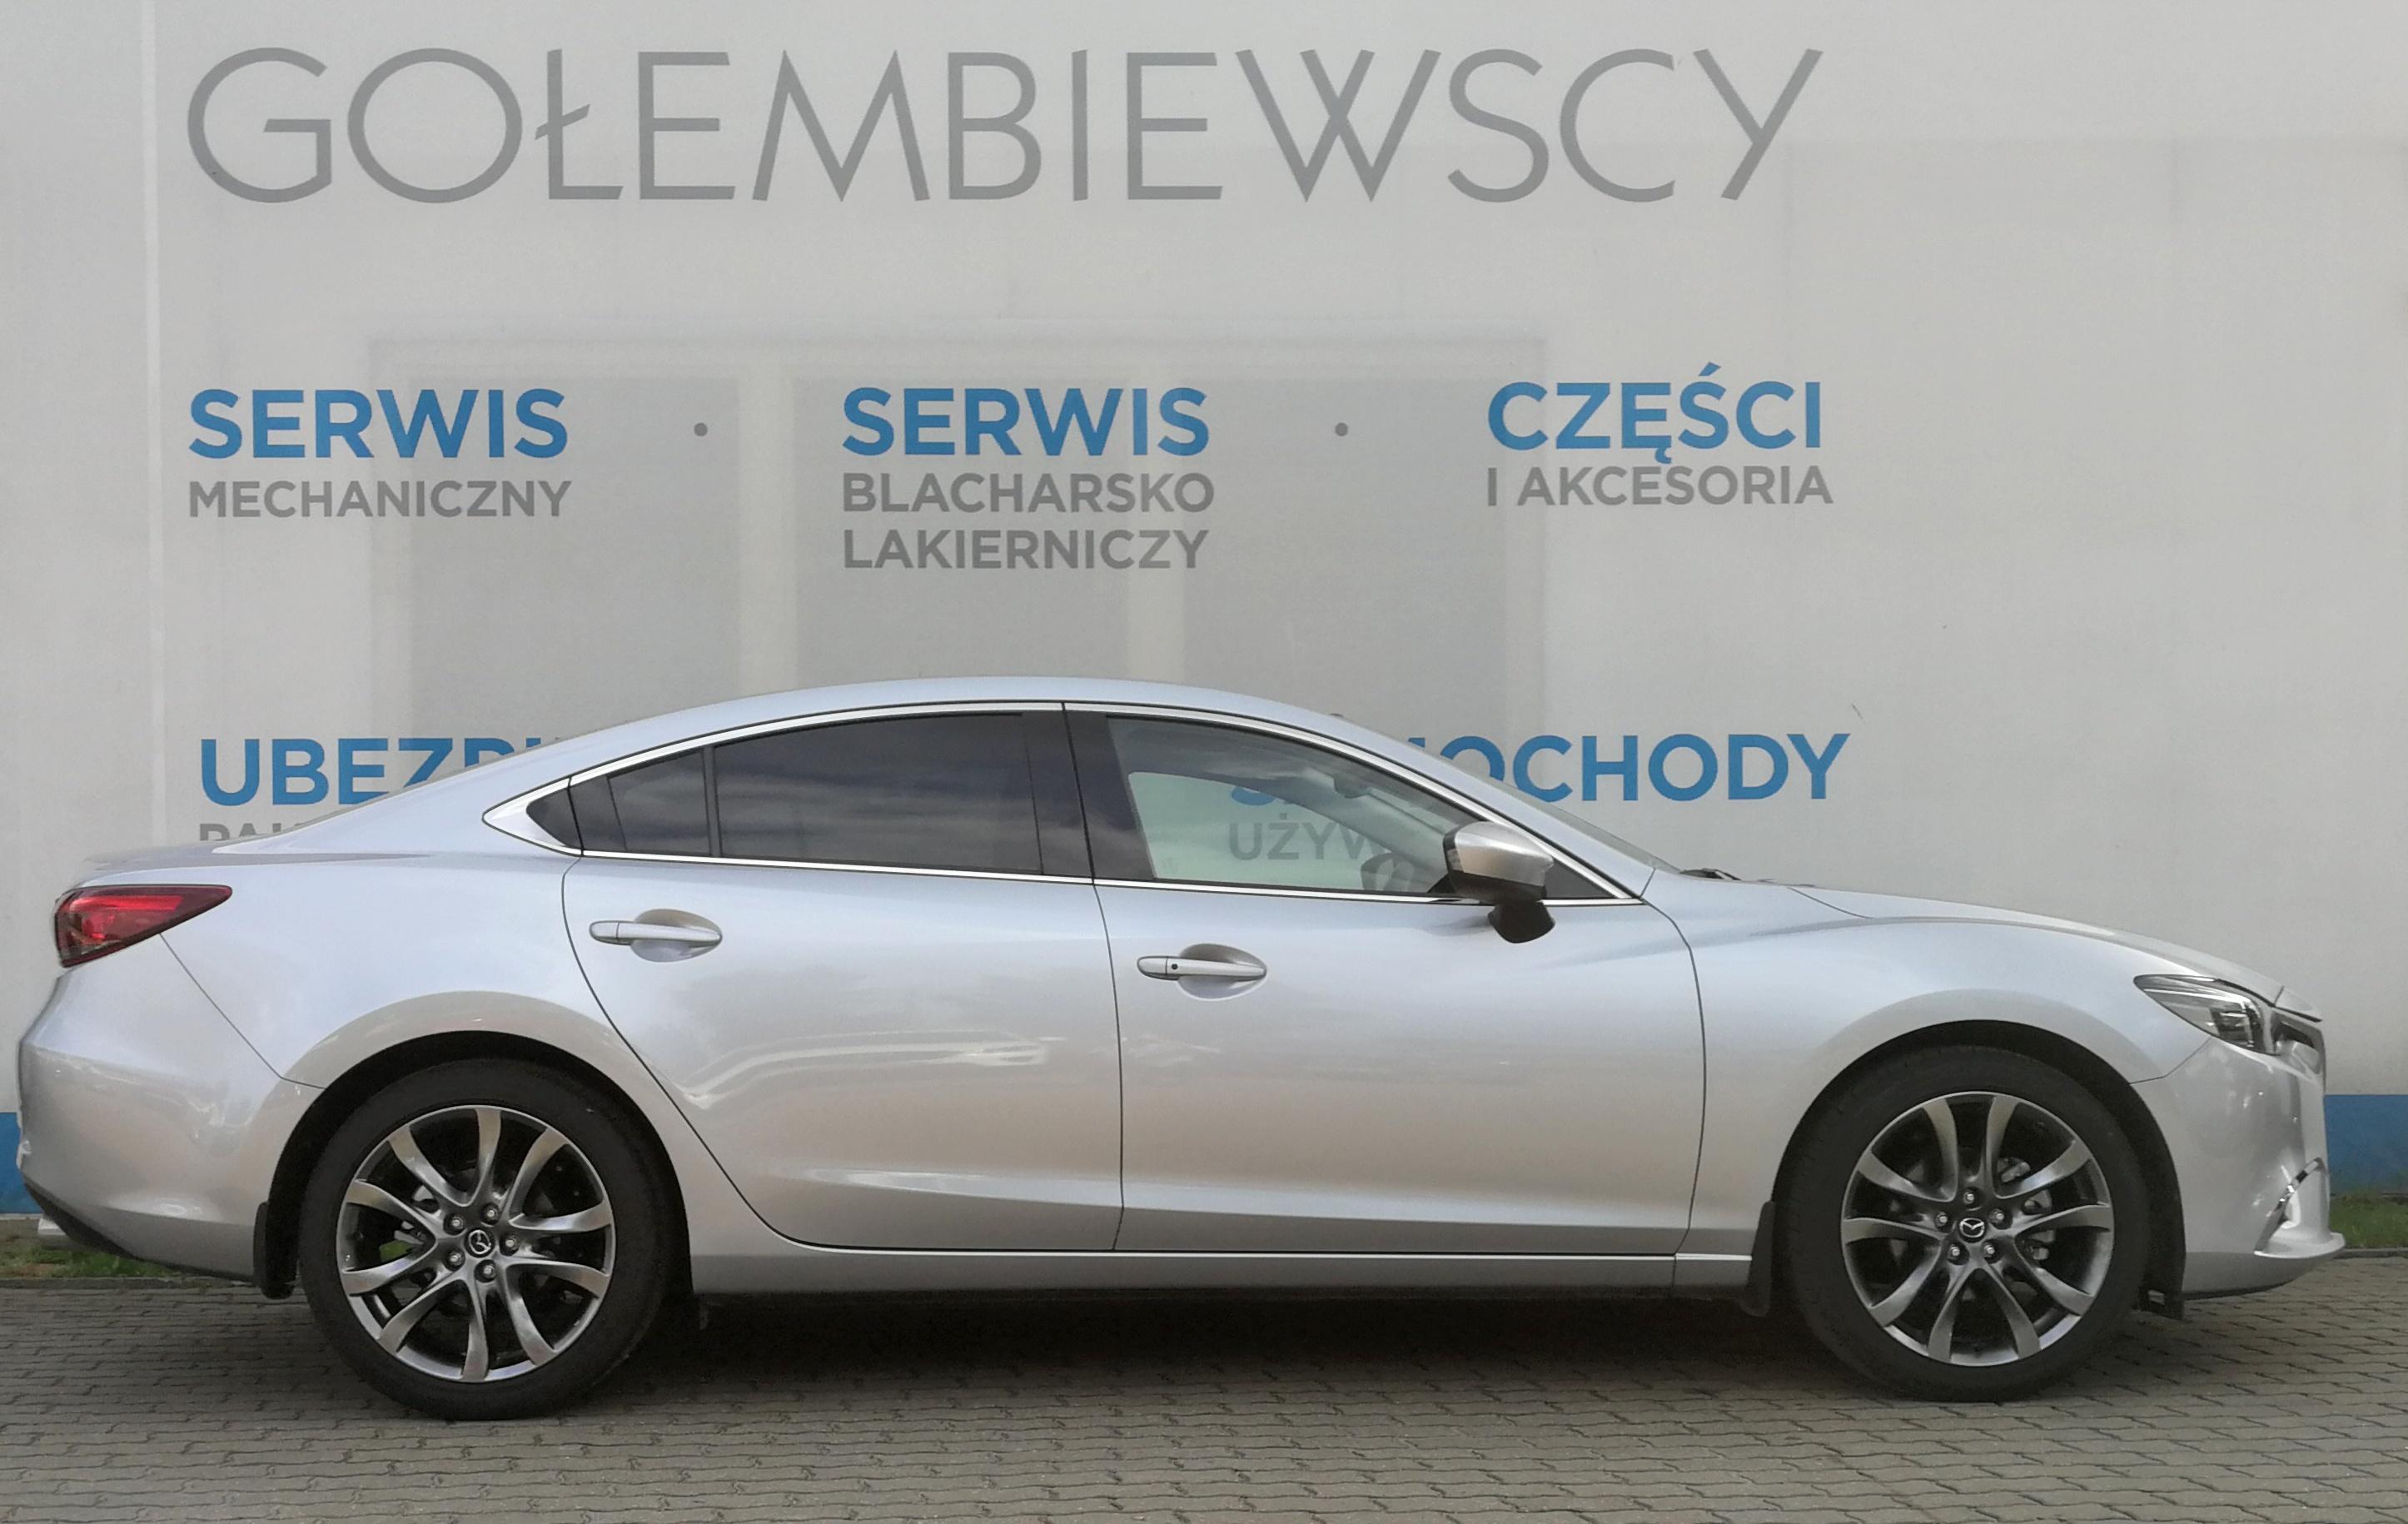 Mazda 6 - wyciszanie Mazdy 6